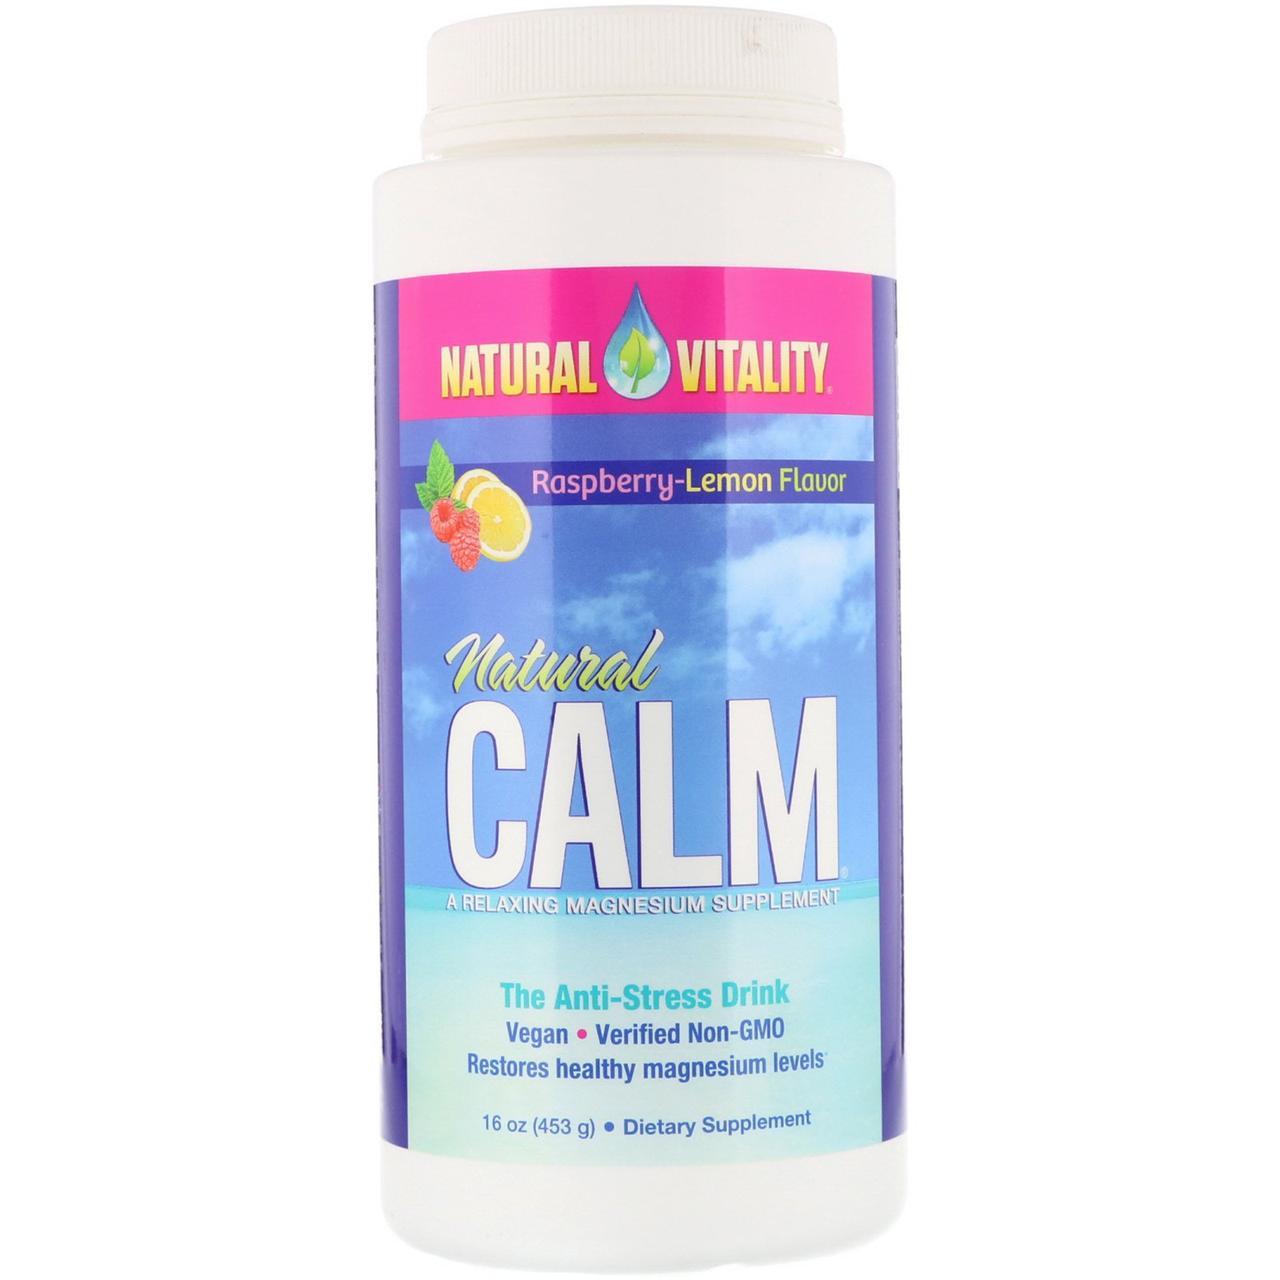 Natural Vitality, Natural Calm, антистрессовый напиток, вкус органической малины и лимона, 453г